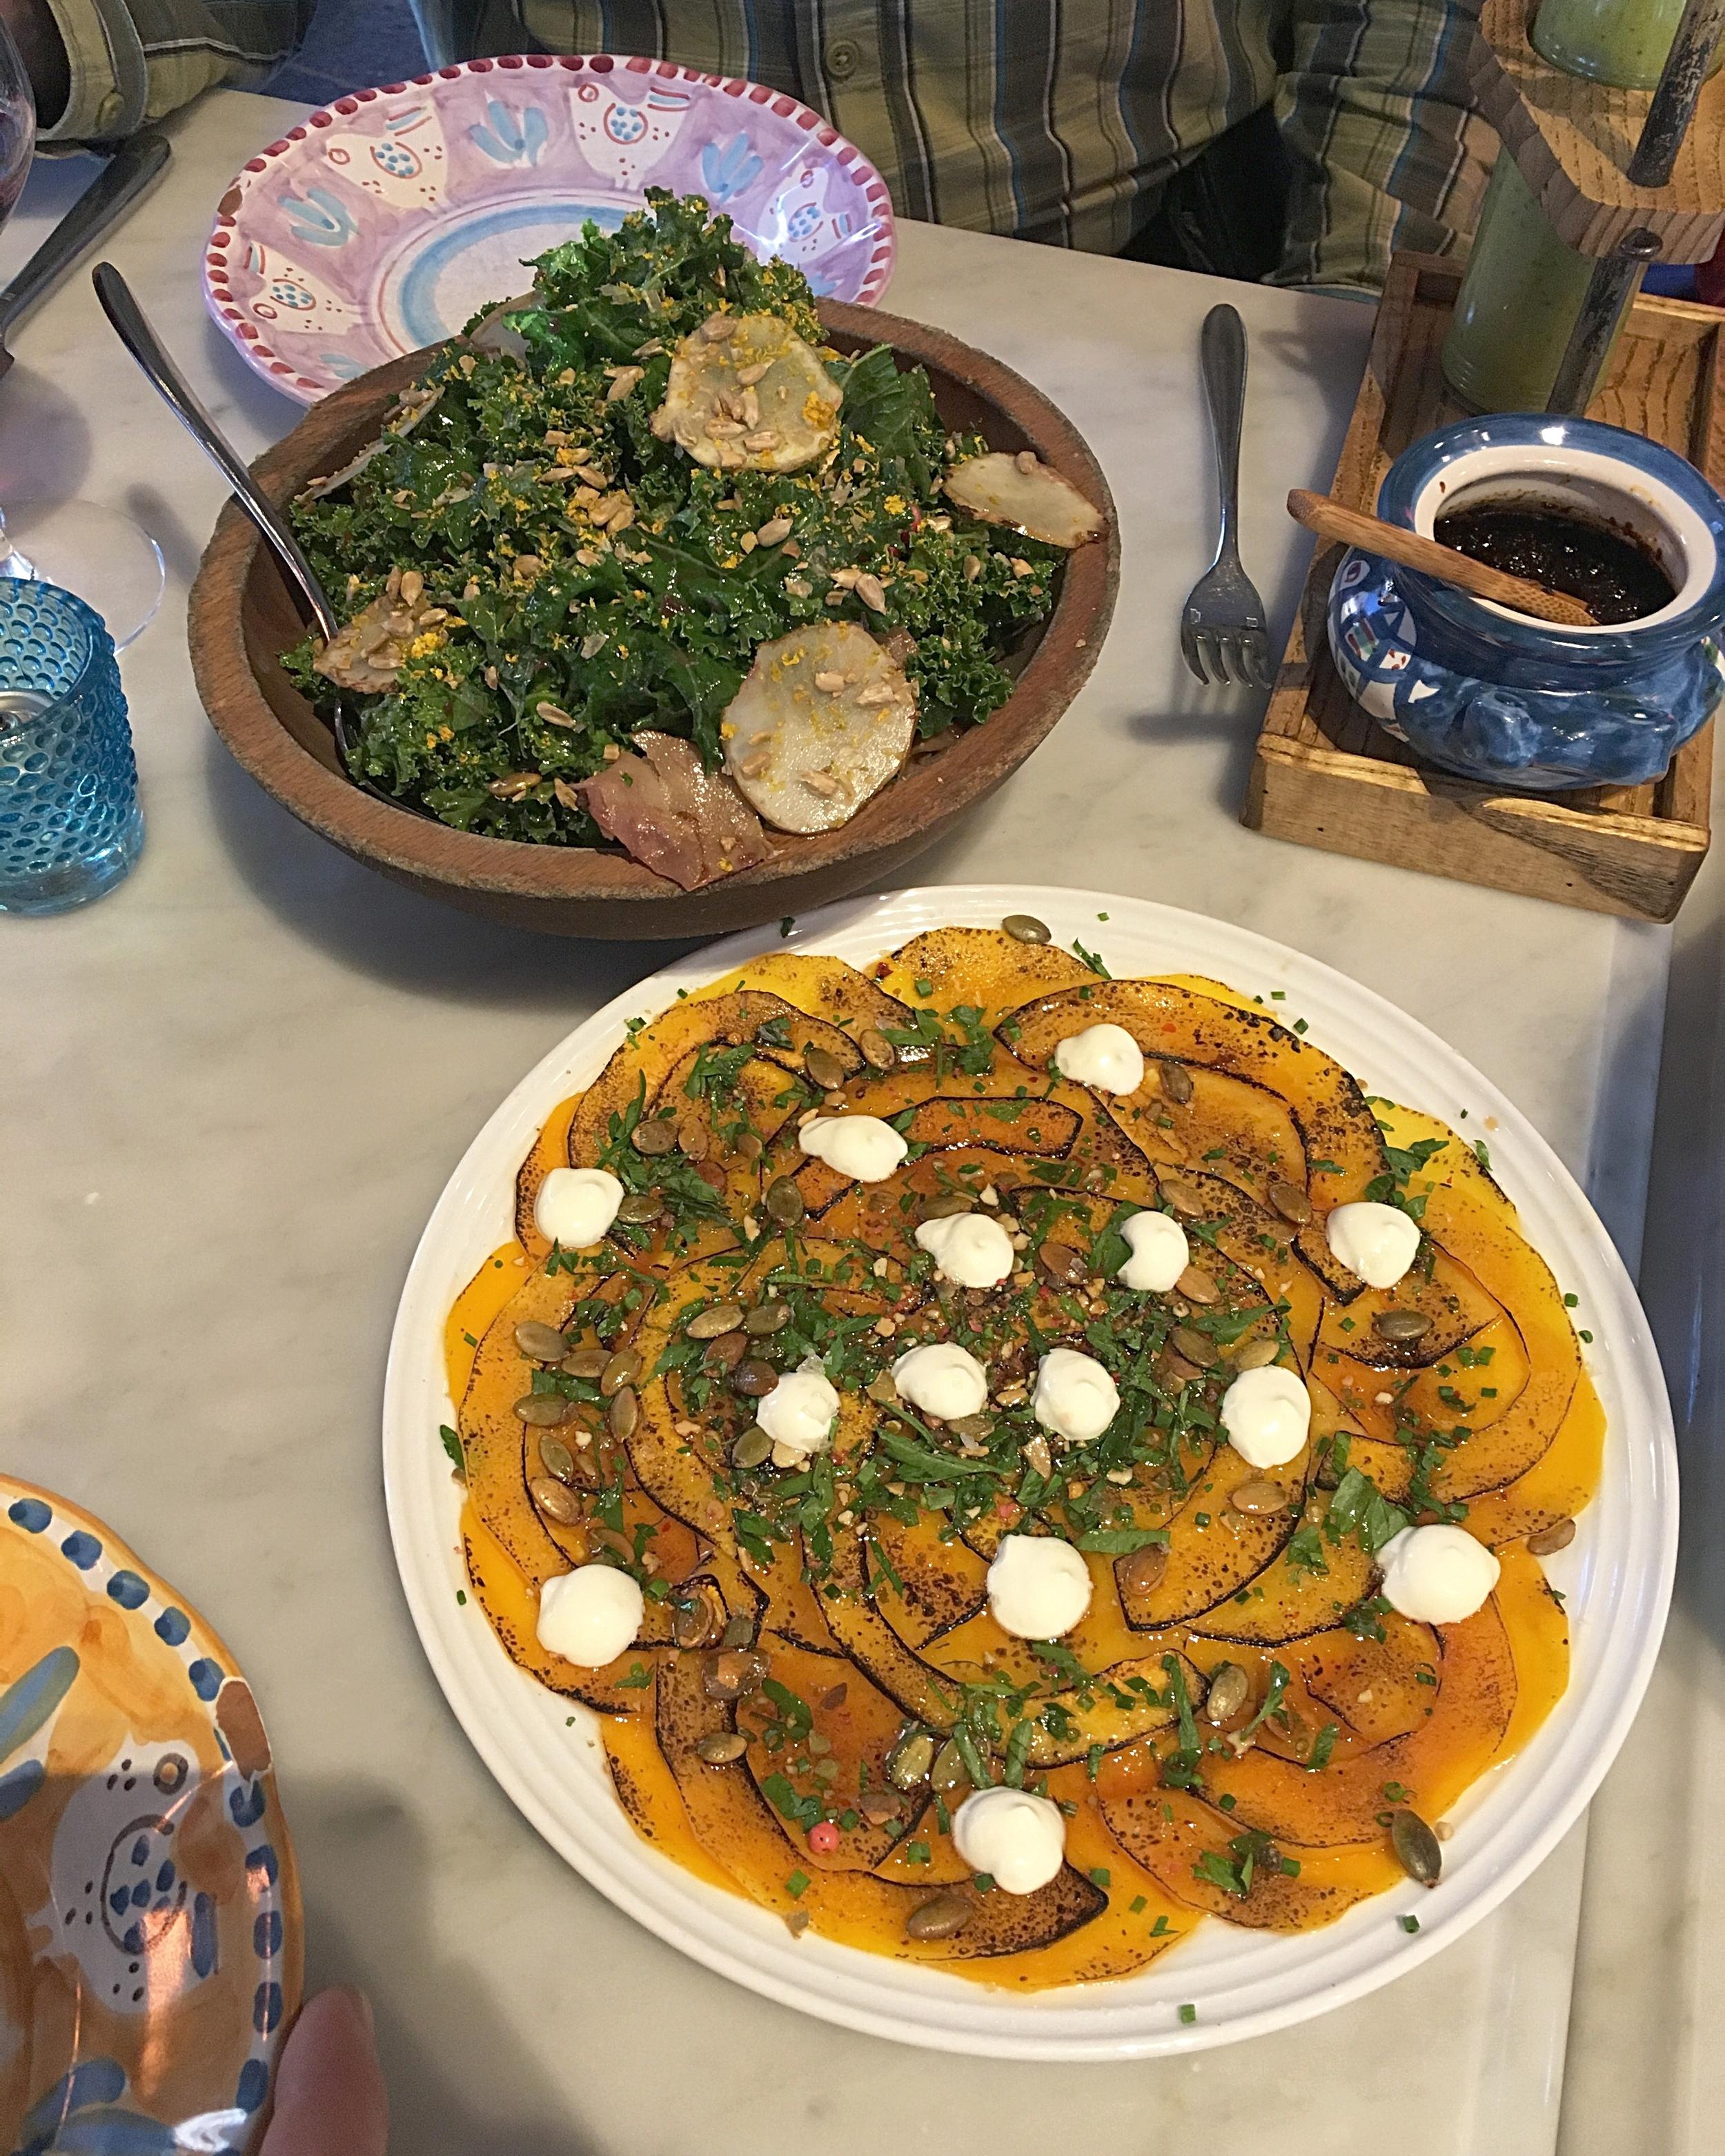 kale sunchoke salad, pomegranate// squash carpaccio, honey agrodolce,crème fraîche